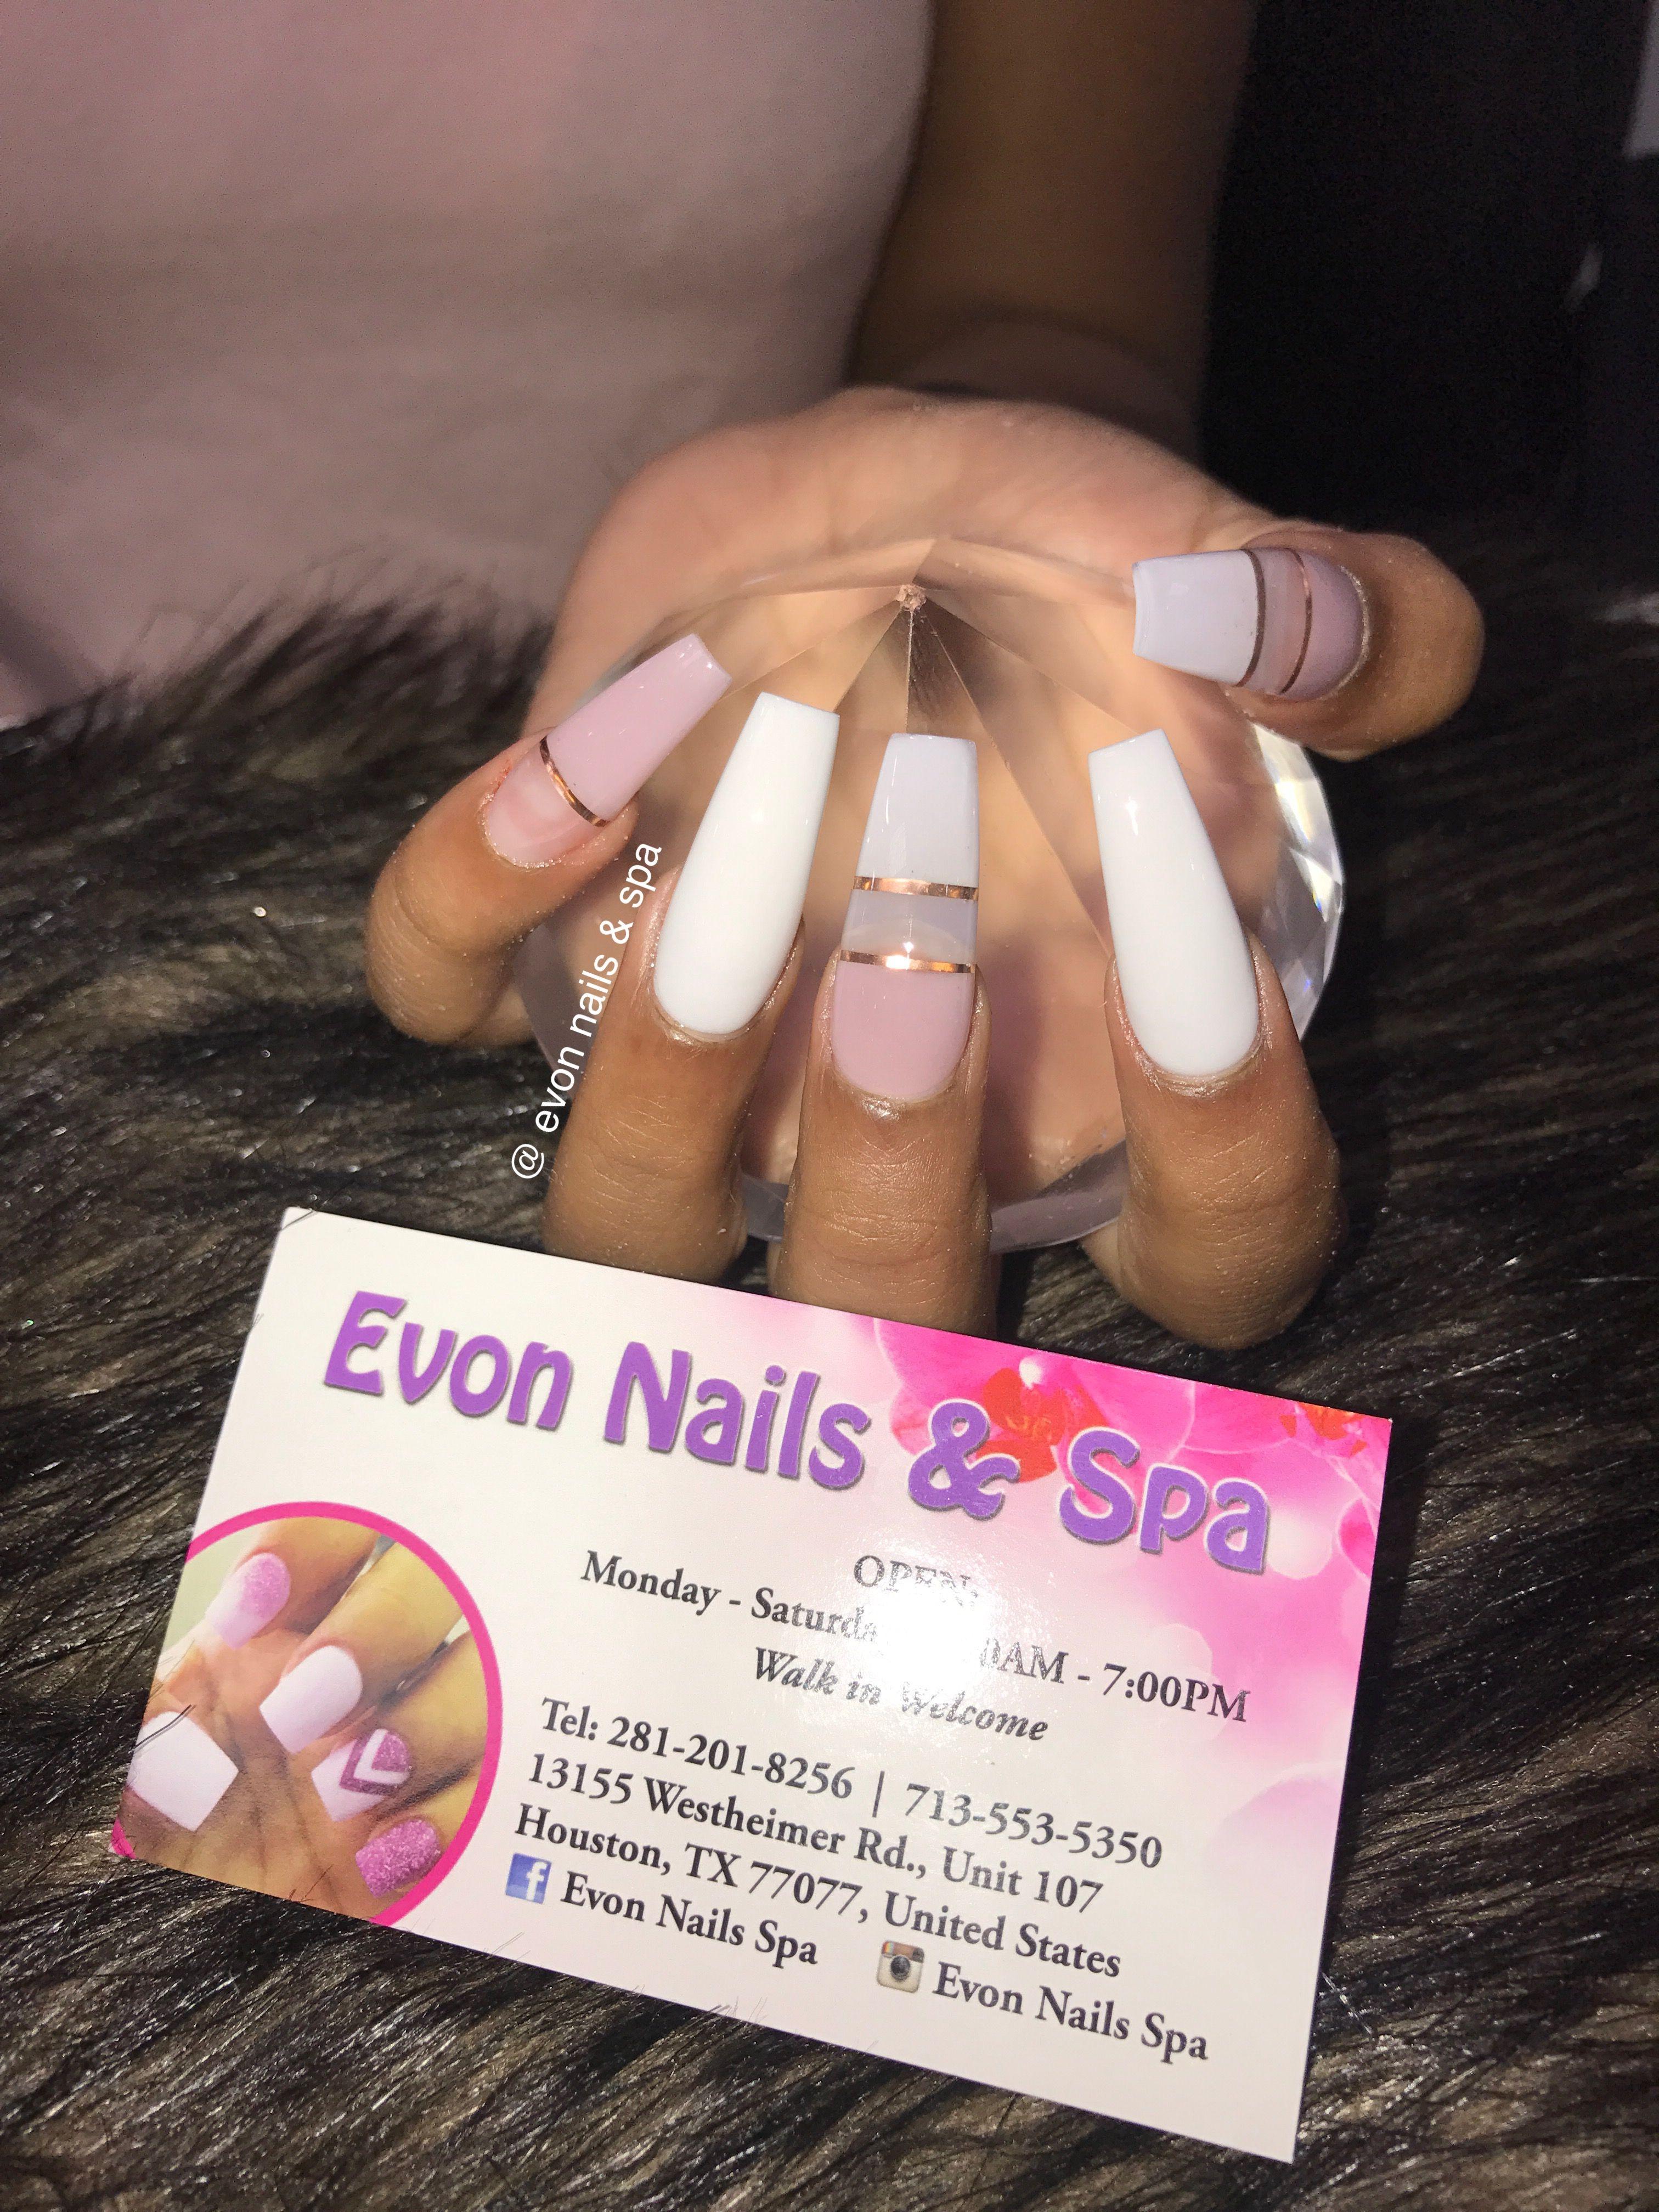 Pin By Evon Nails Spa On Evon Nails Spa Instagram Evon Nails Spa Facebook Evon Nails Natural Nails Nail Spa Nails